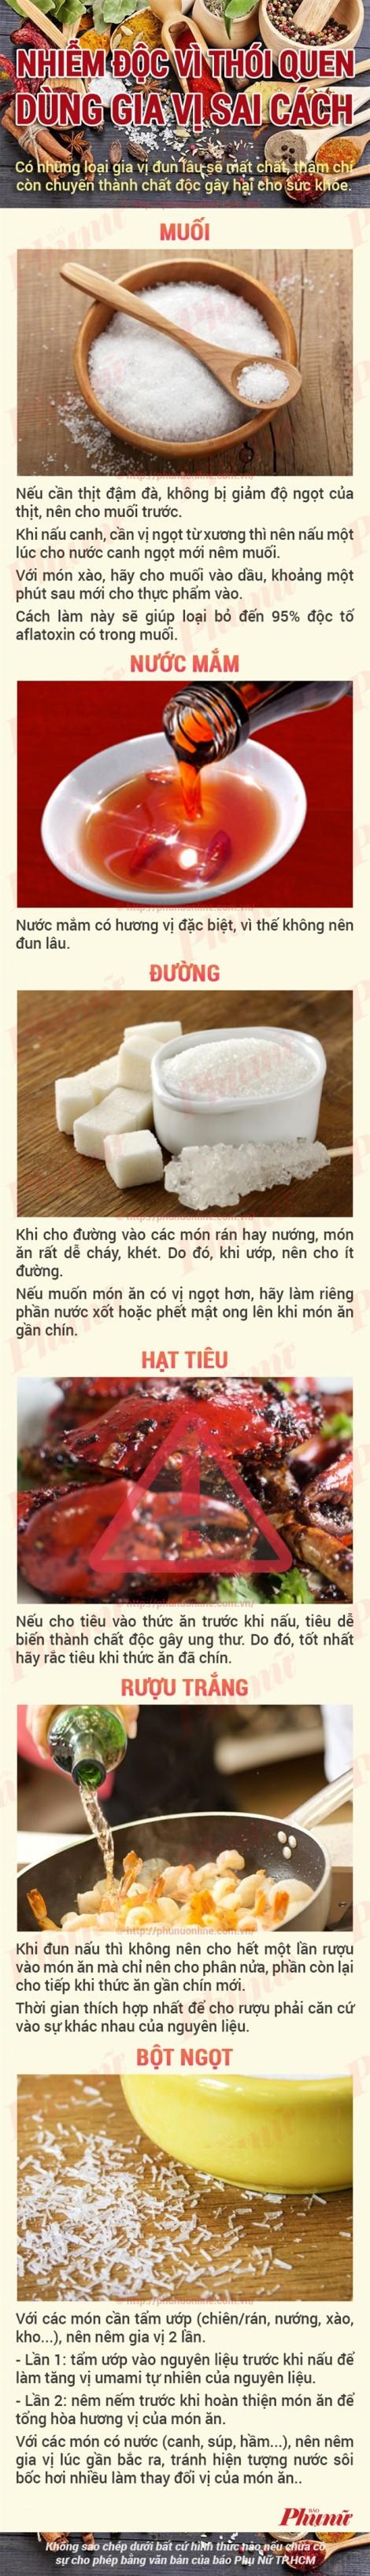 Cách nêm nếm gia vị trong nấu ăn không bị độc